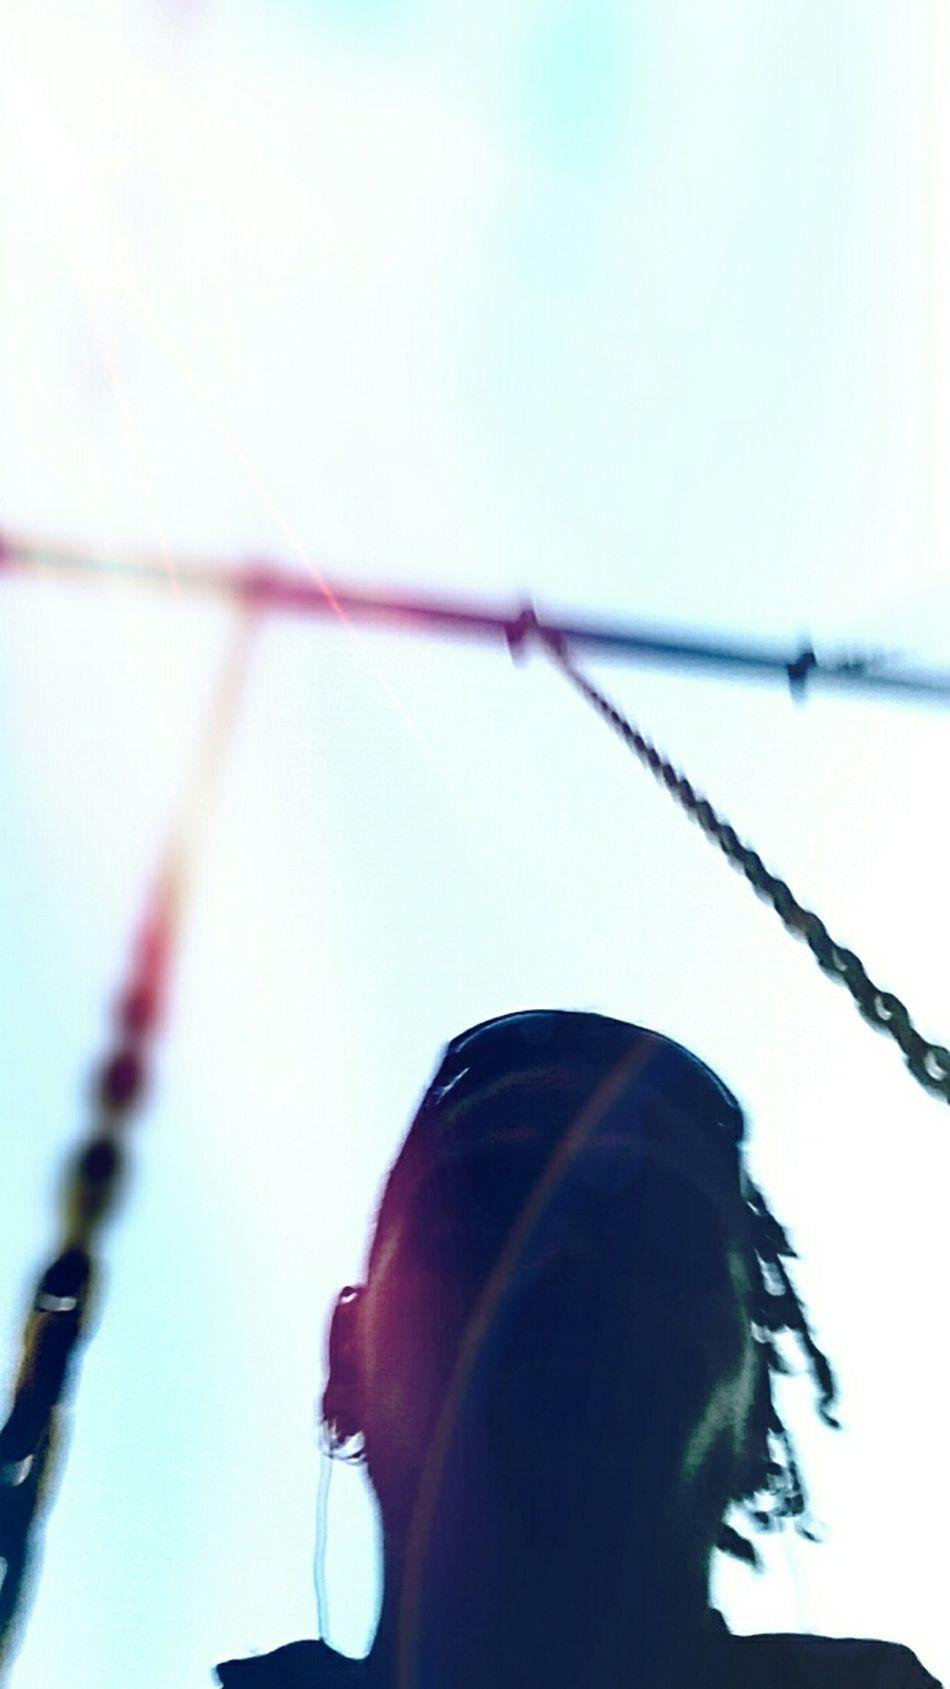 The playground has lost its innocence Spotless Minds Untröstlich Und Sehnen